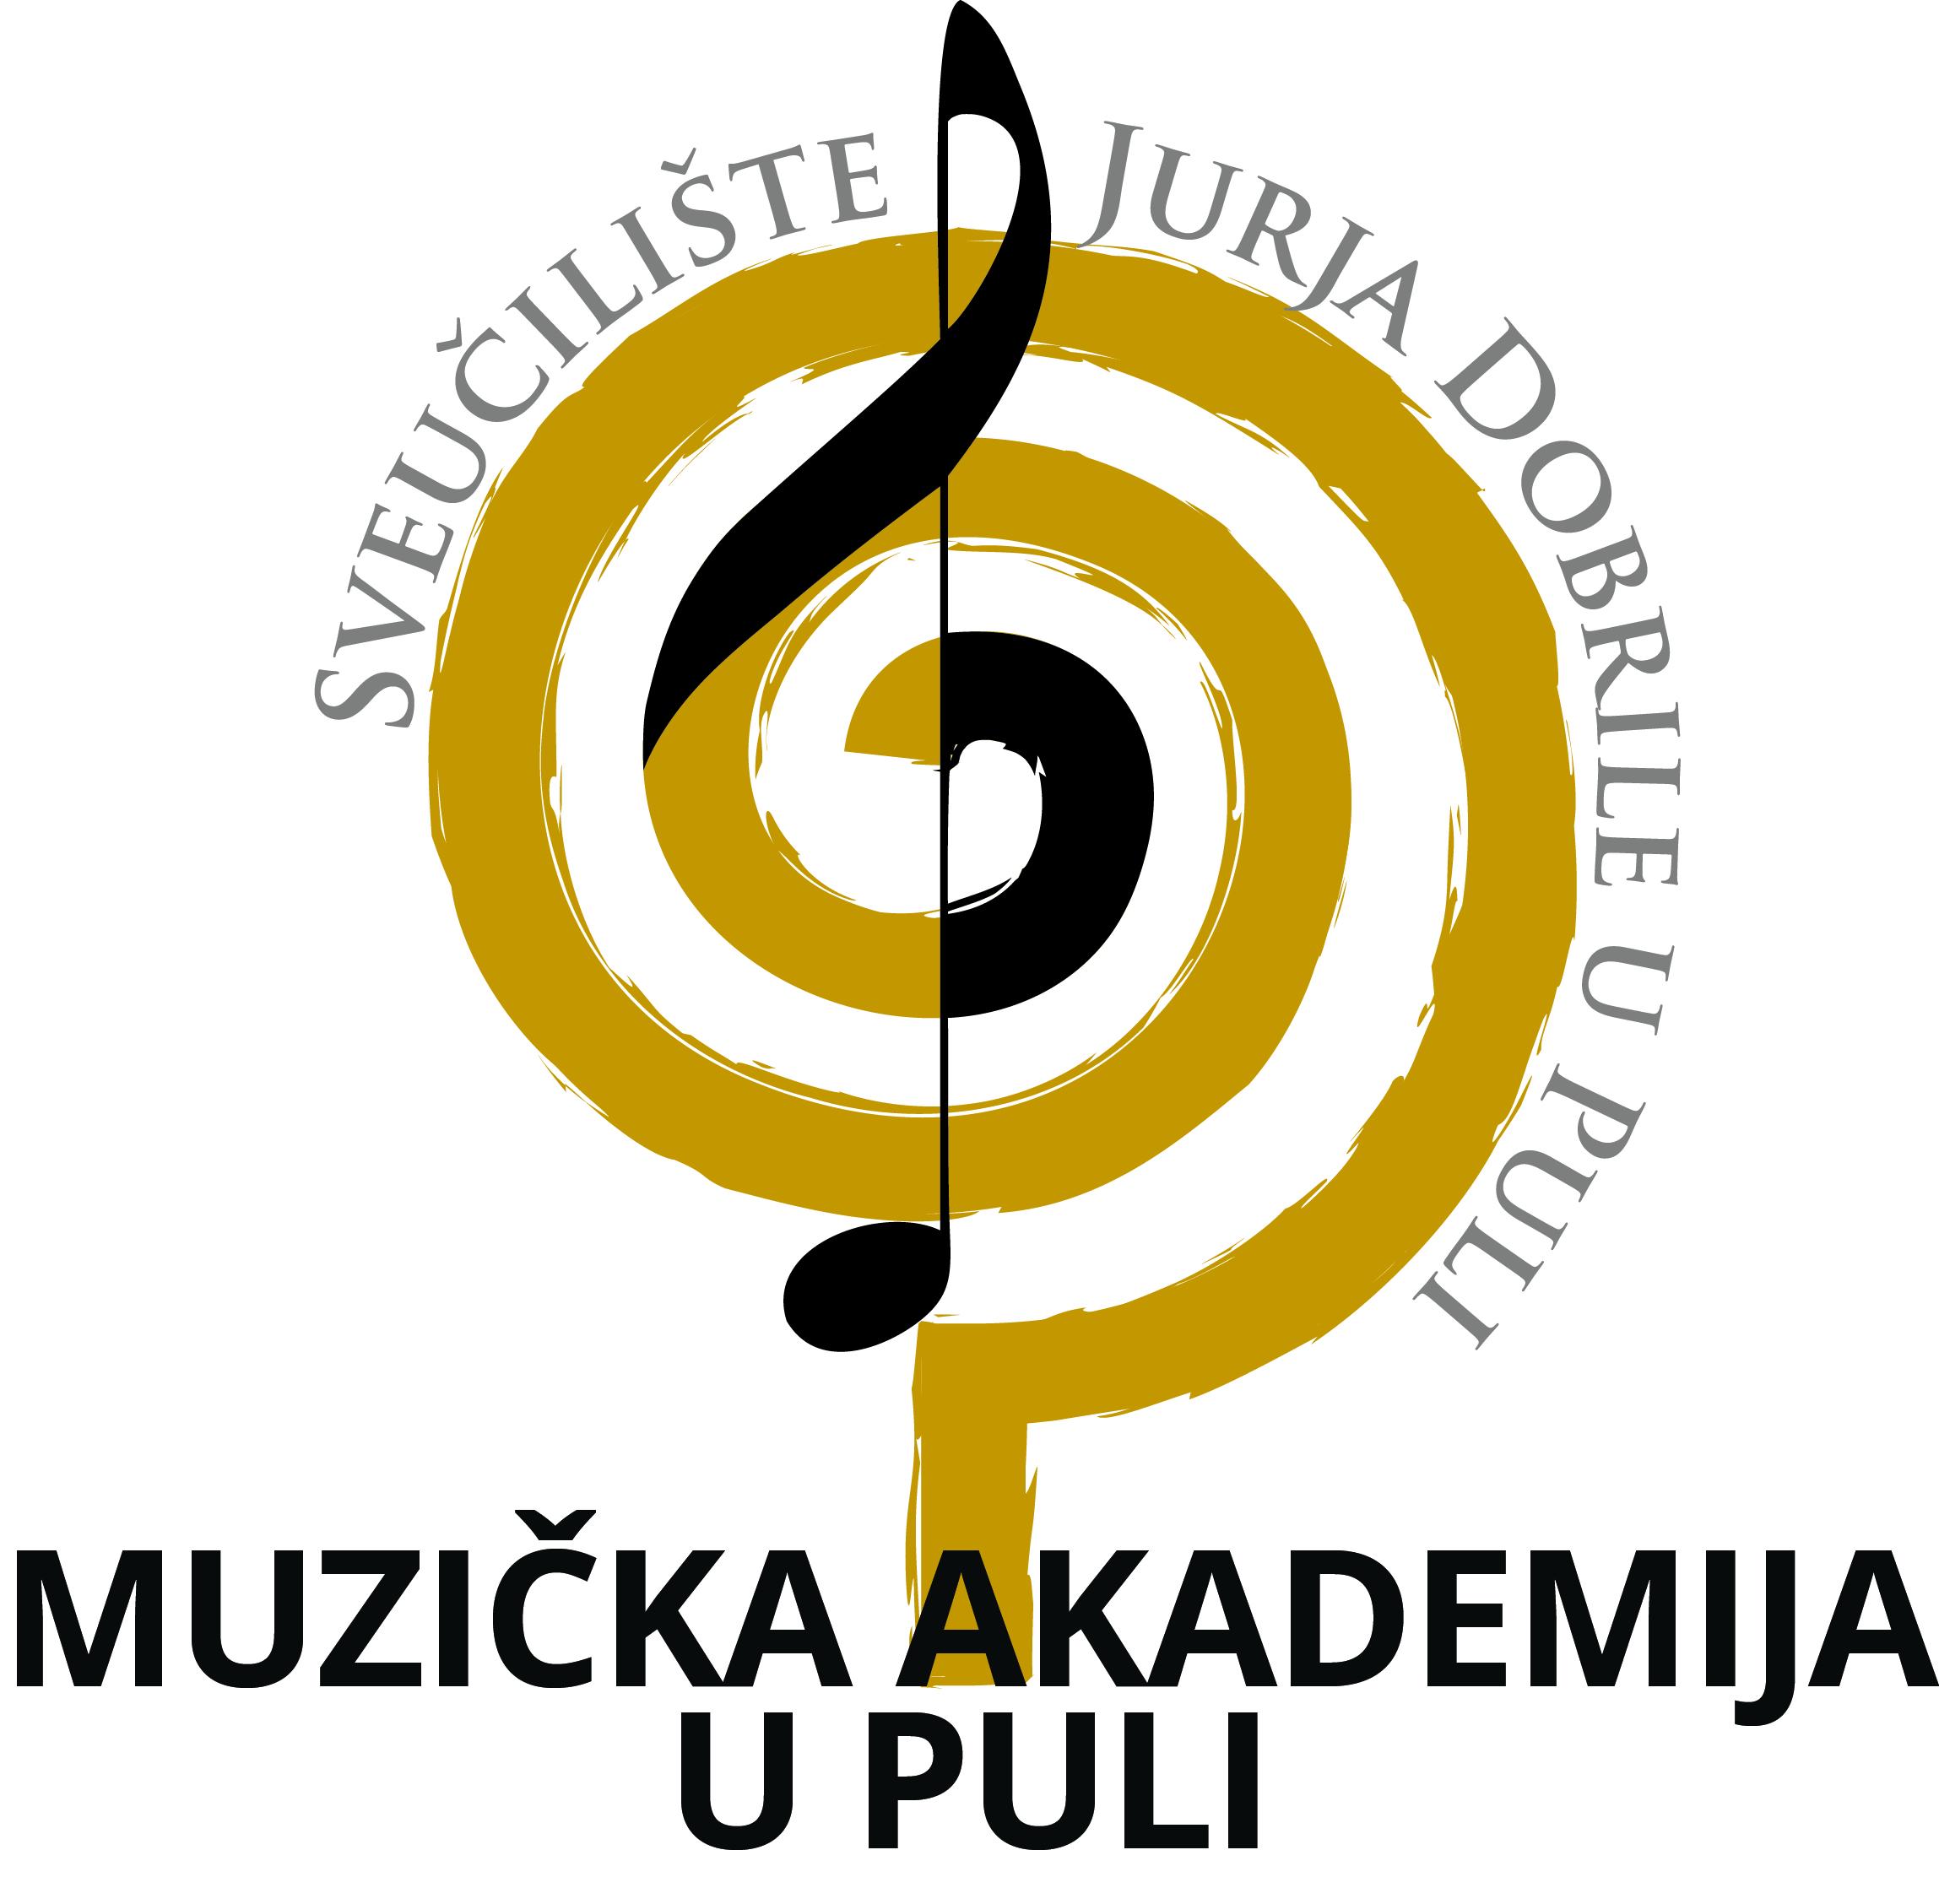 MUZIČKA AKADEMIJA U PULI (Academy of Music in Pula, Juraj Dobrila University of Pula)